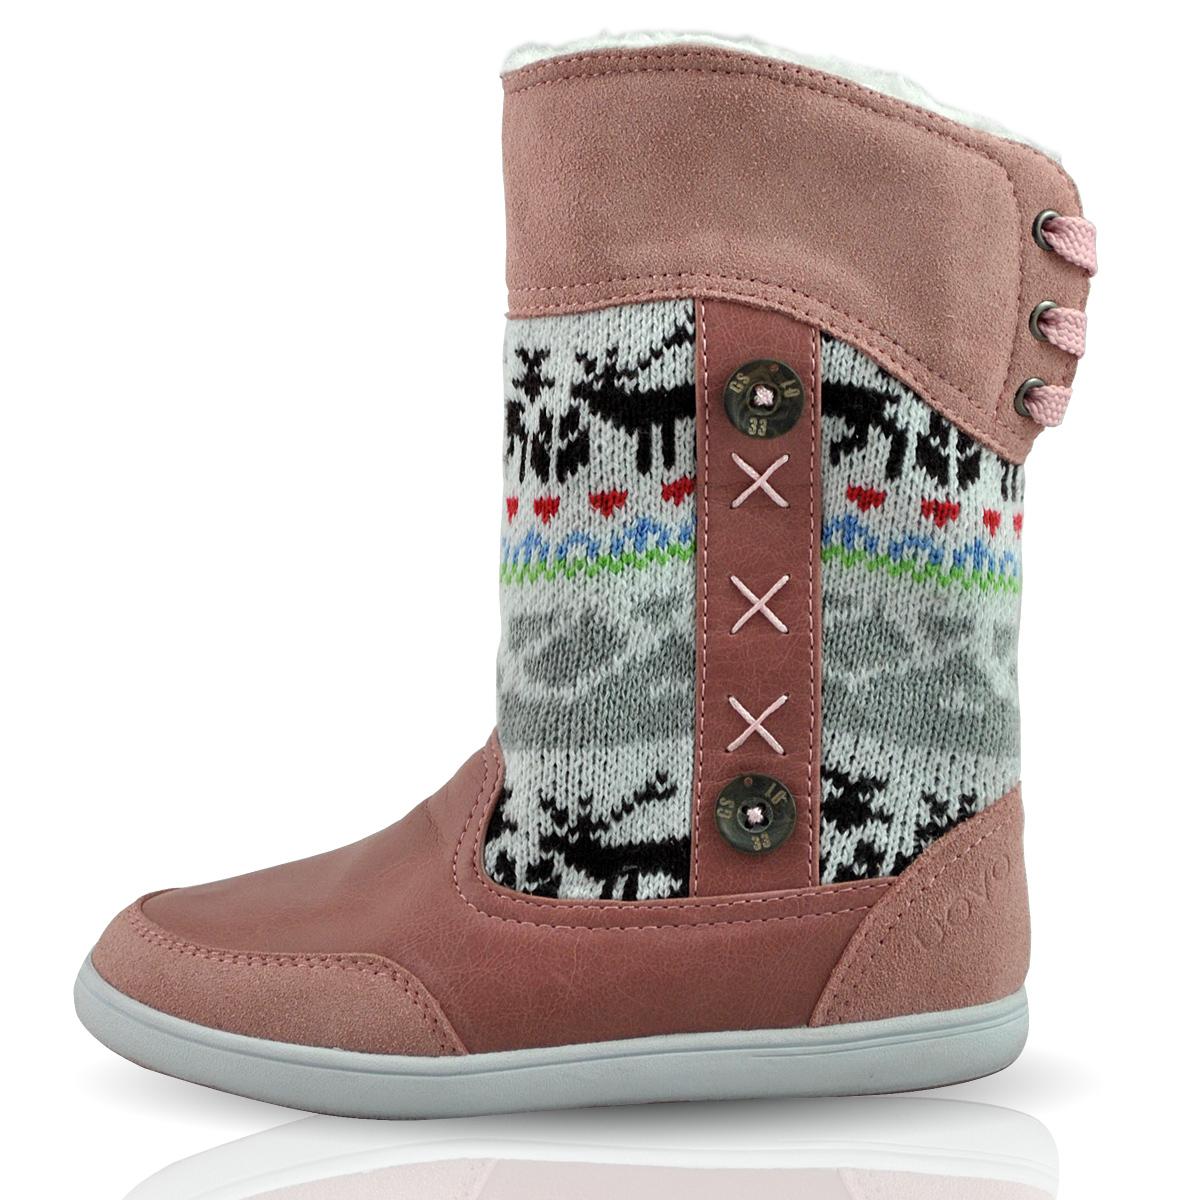 2012秋冬新款真皮 女童中筒雪地靴 毛绒儿童靴子驯鹿 包邮